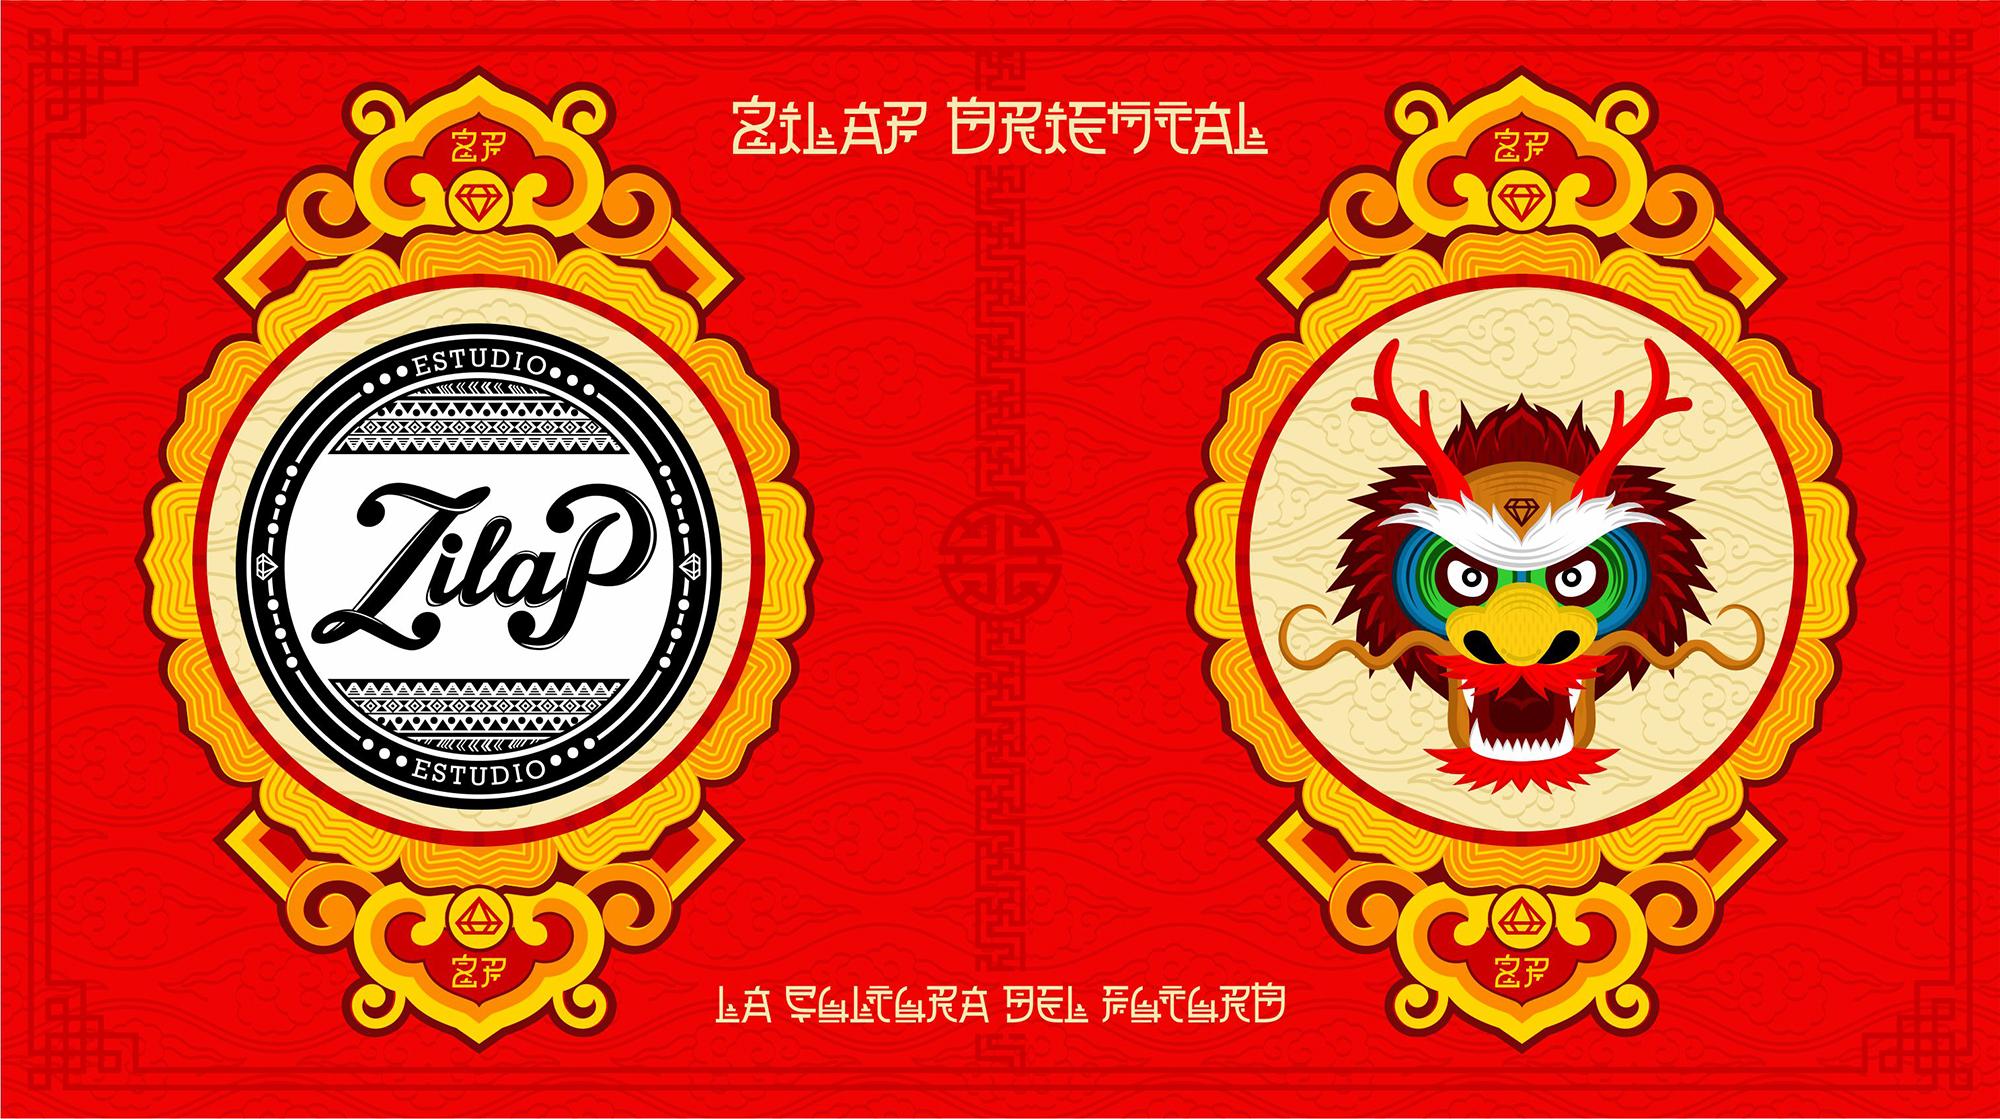 Zilap Oriental example image 2